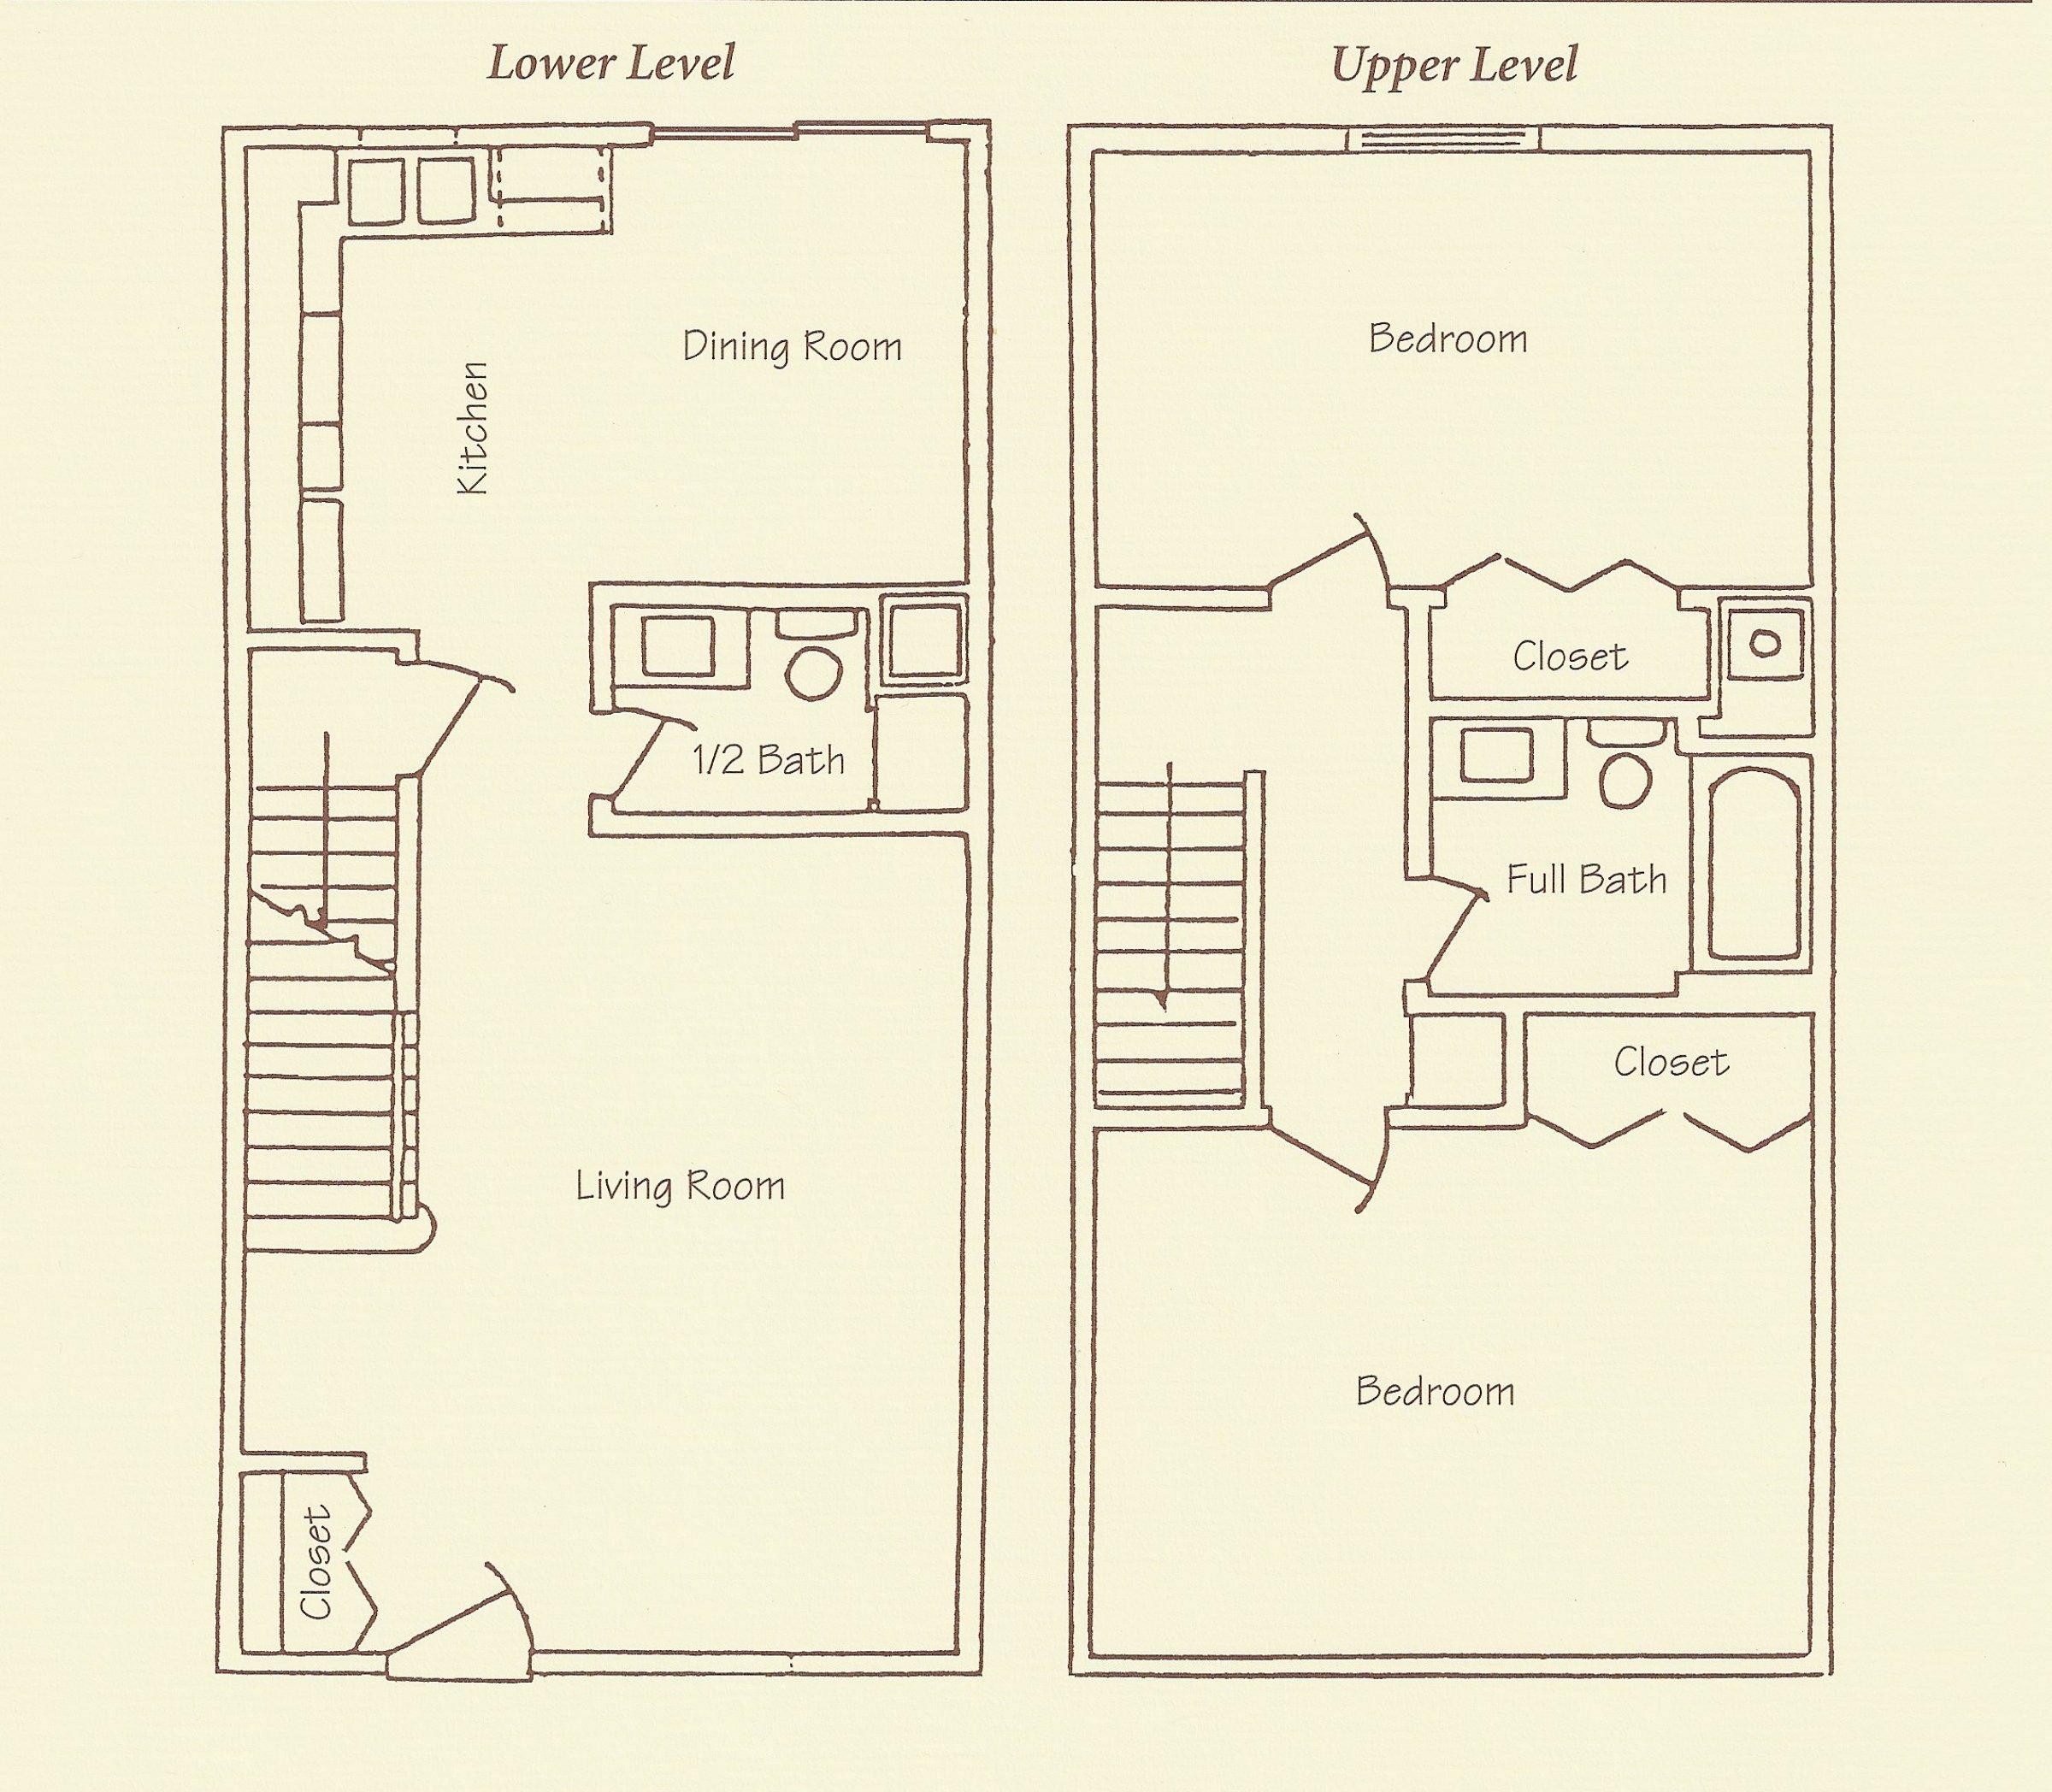 2 Bedroom Floorplan.JPG